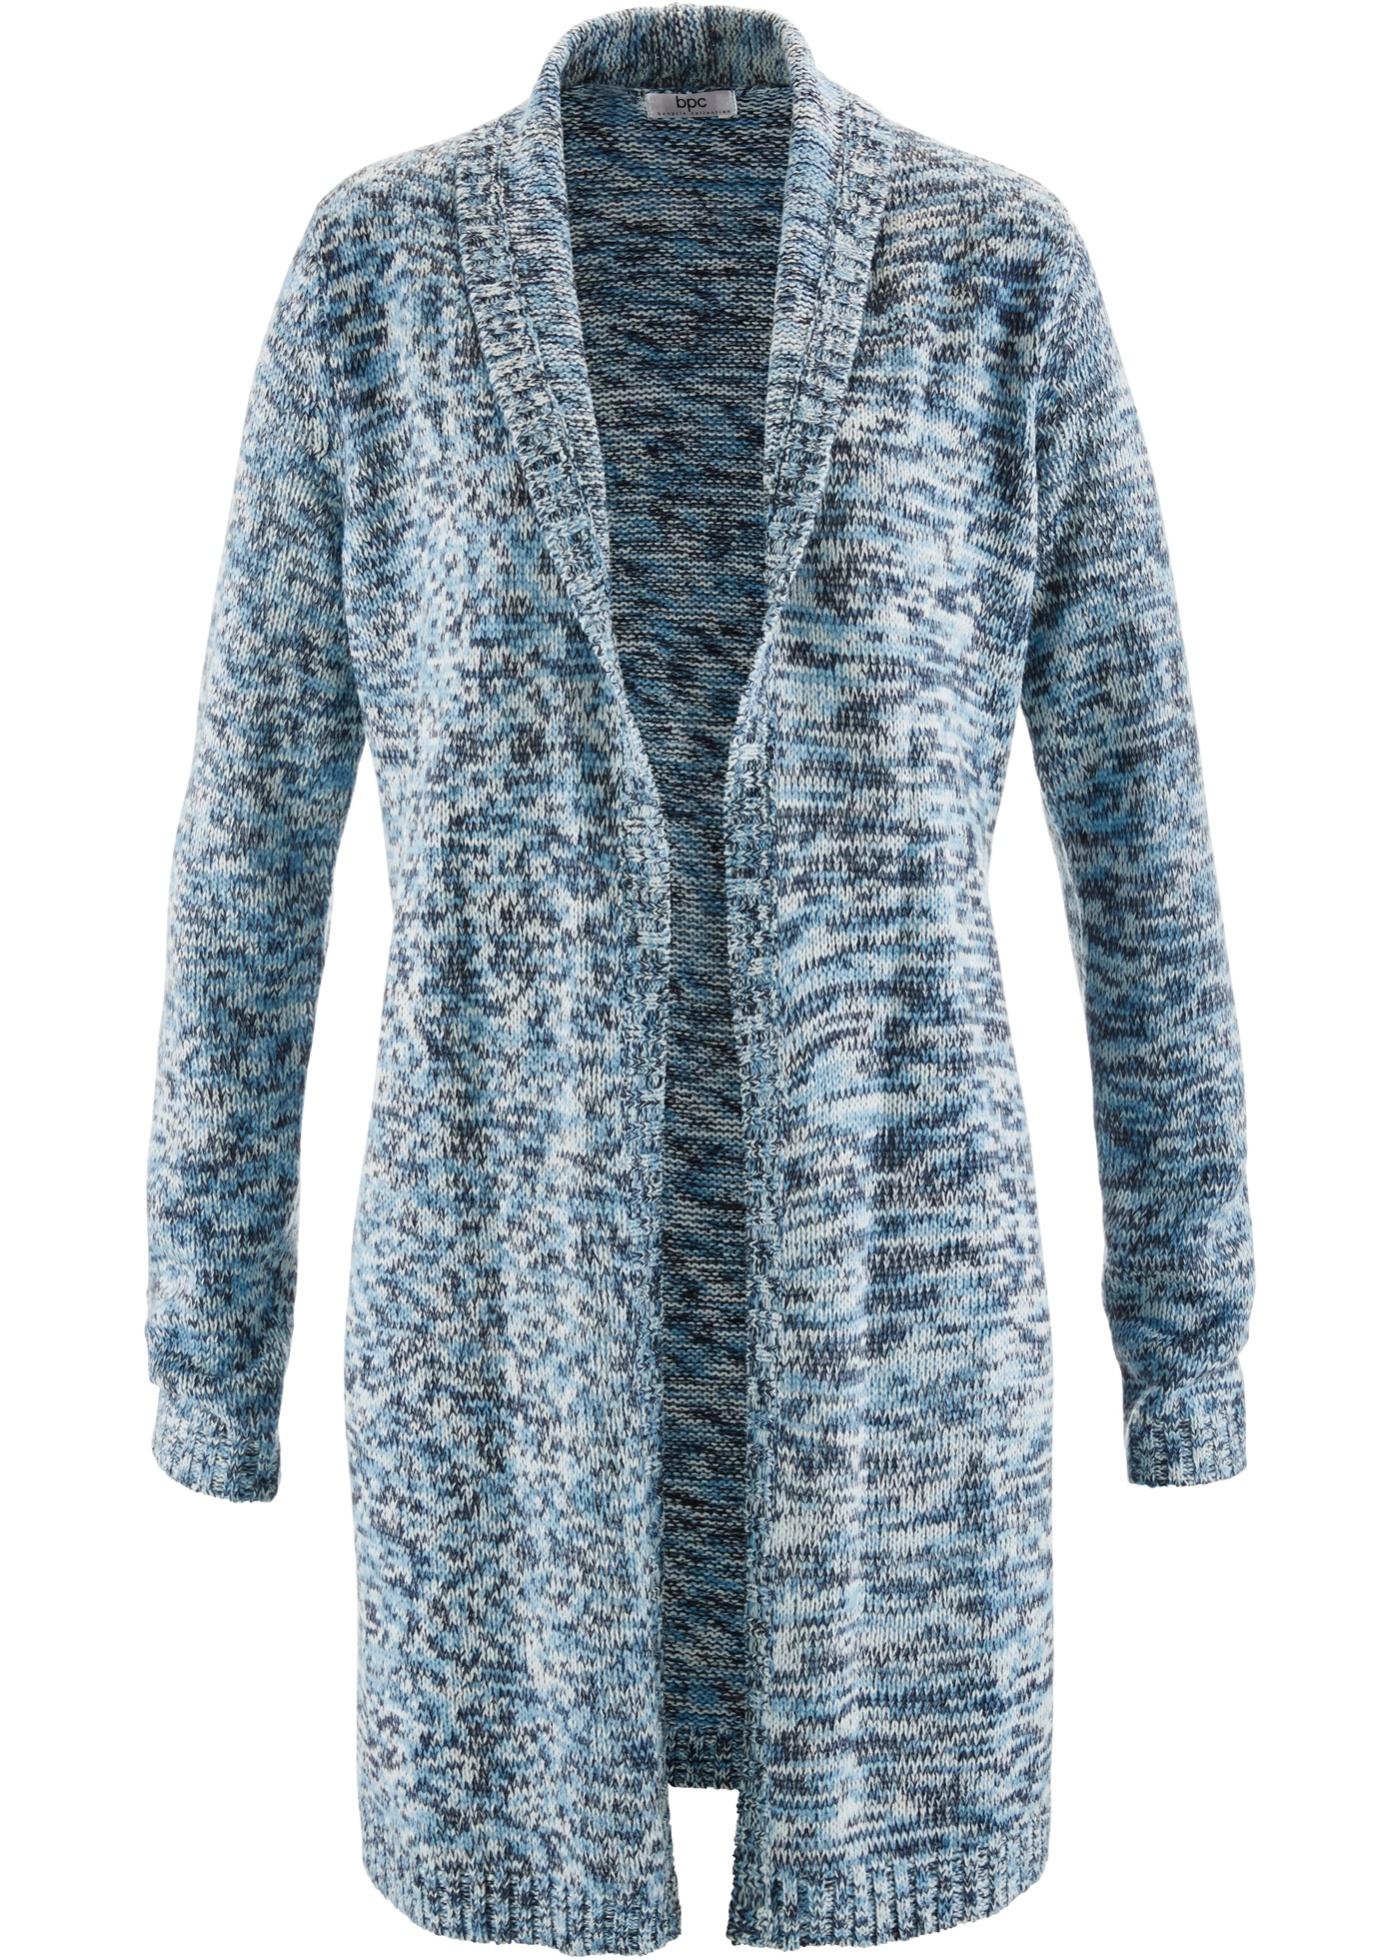 Dlouhý pletený kabátek, dlouhý rukáv - Modrá